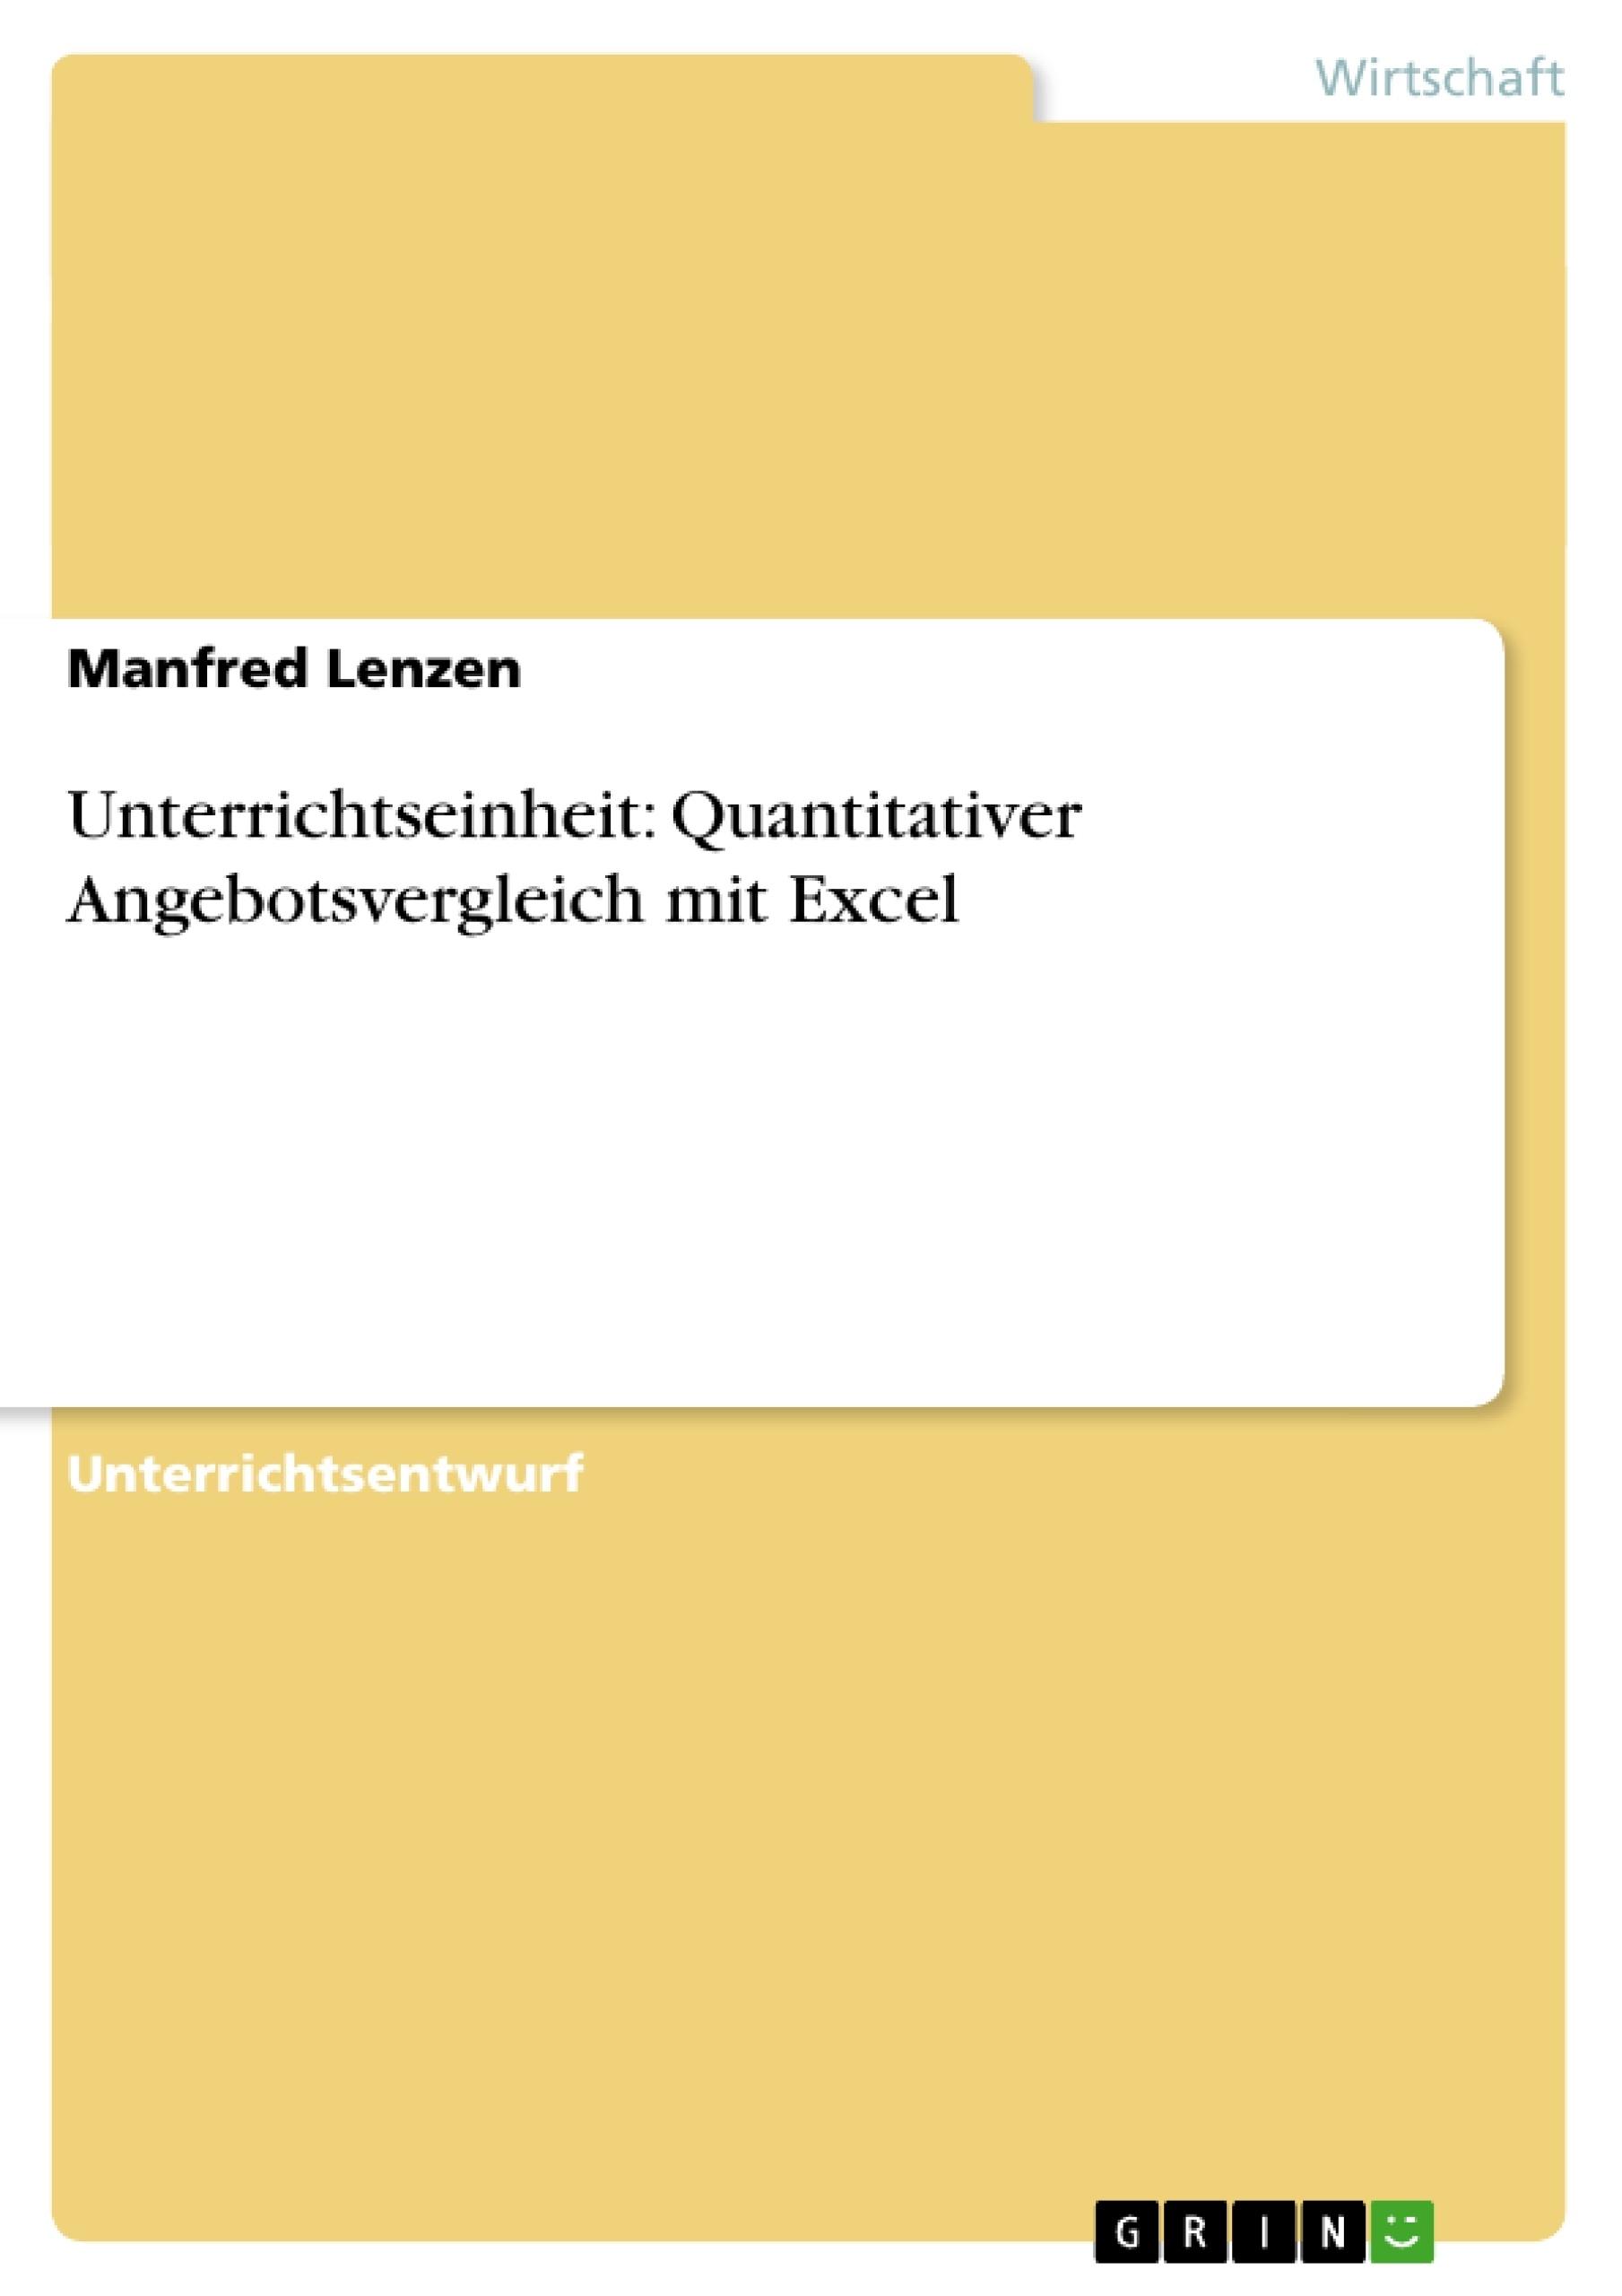 Titel: Unterrichtseinheit: Quantitativer Angebotsvergleich mit Excel